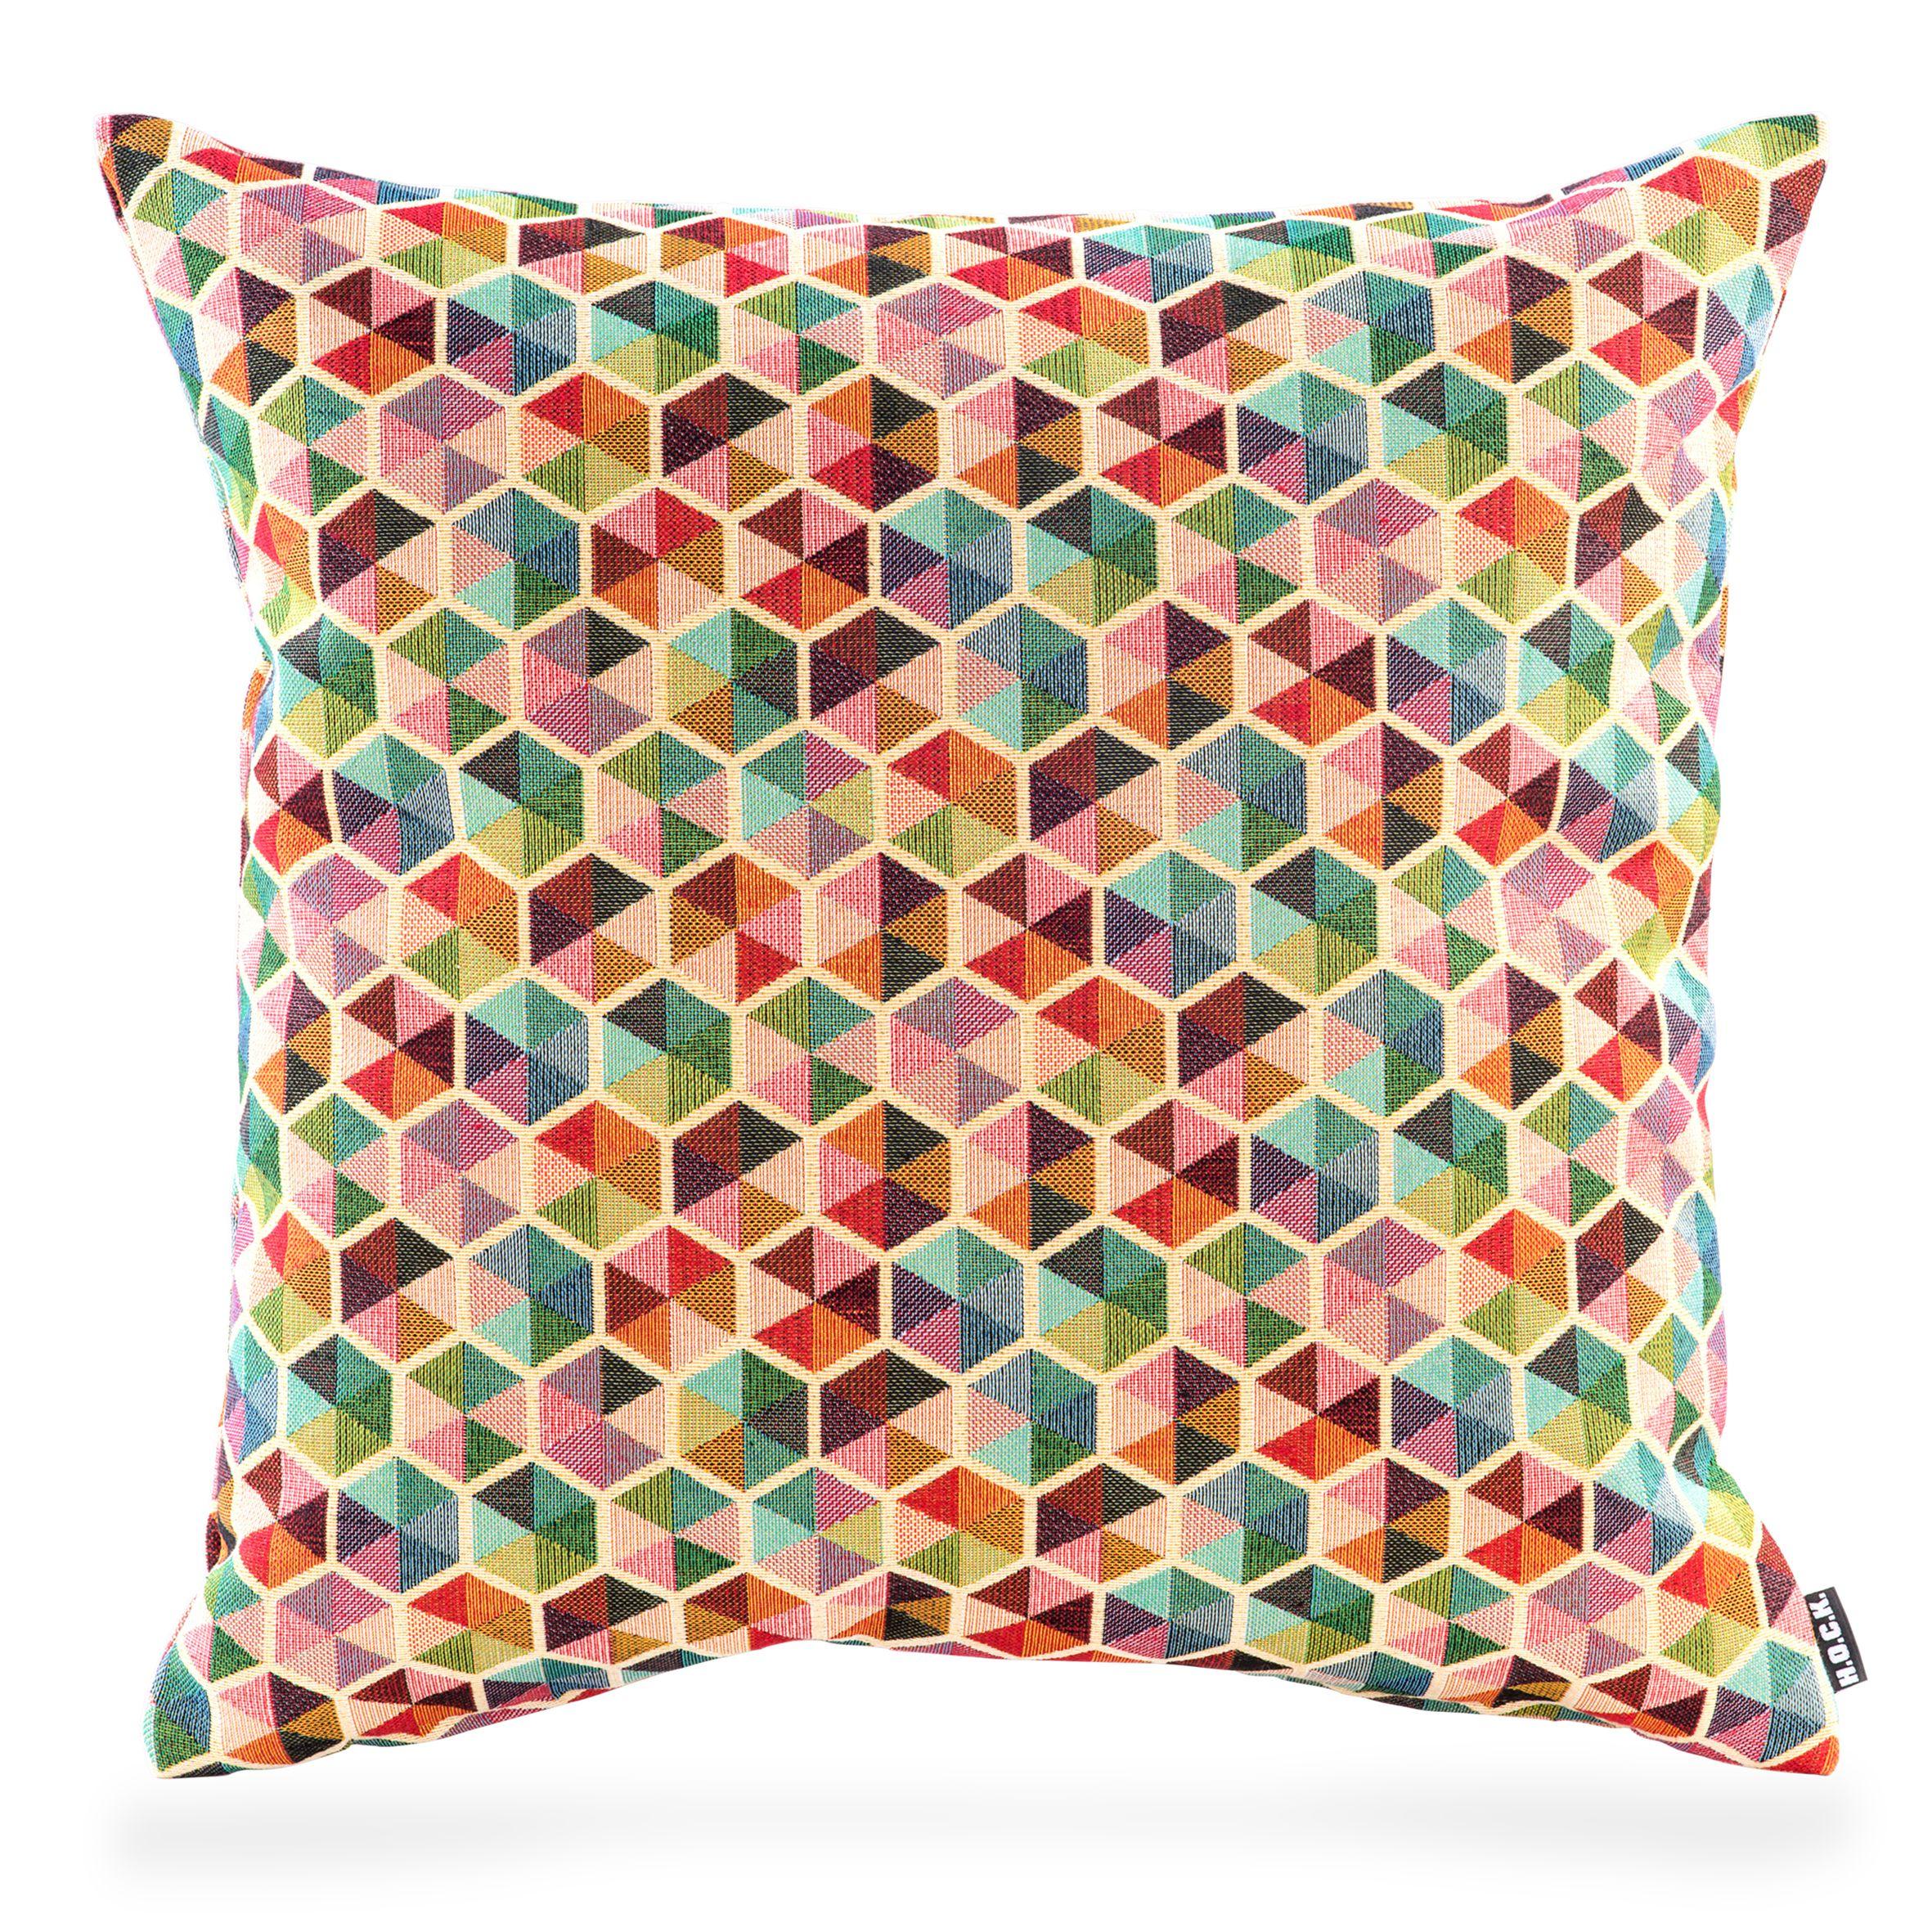 Akasma Kissen 50x50cm Multicolour Bunt Pillow Kissen Textilien